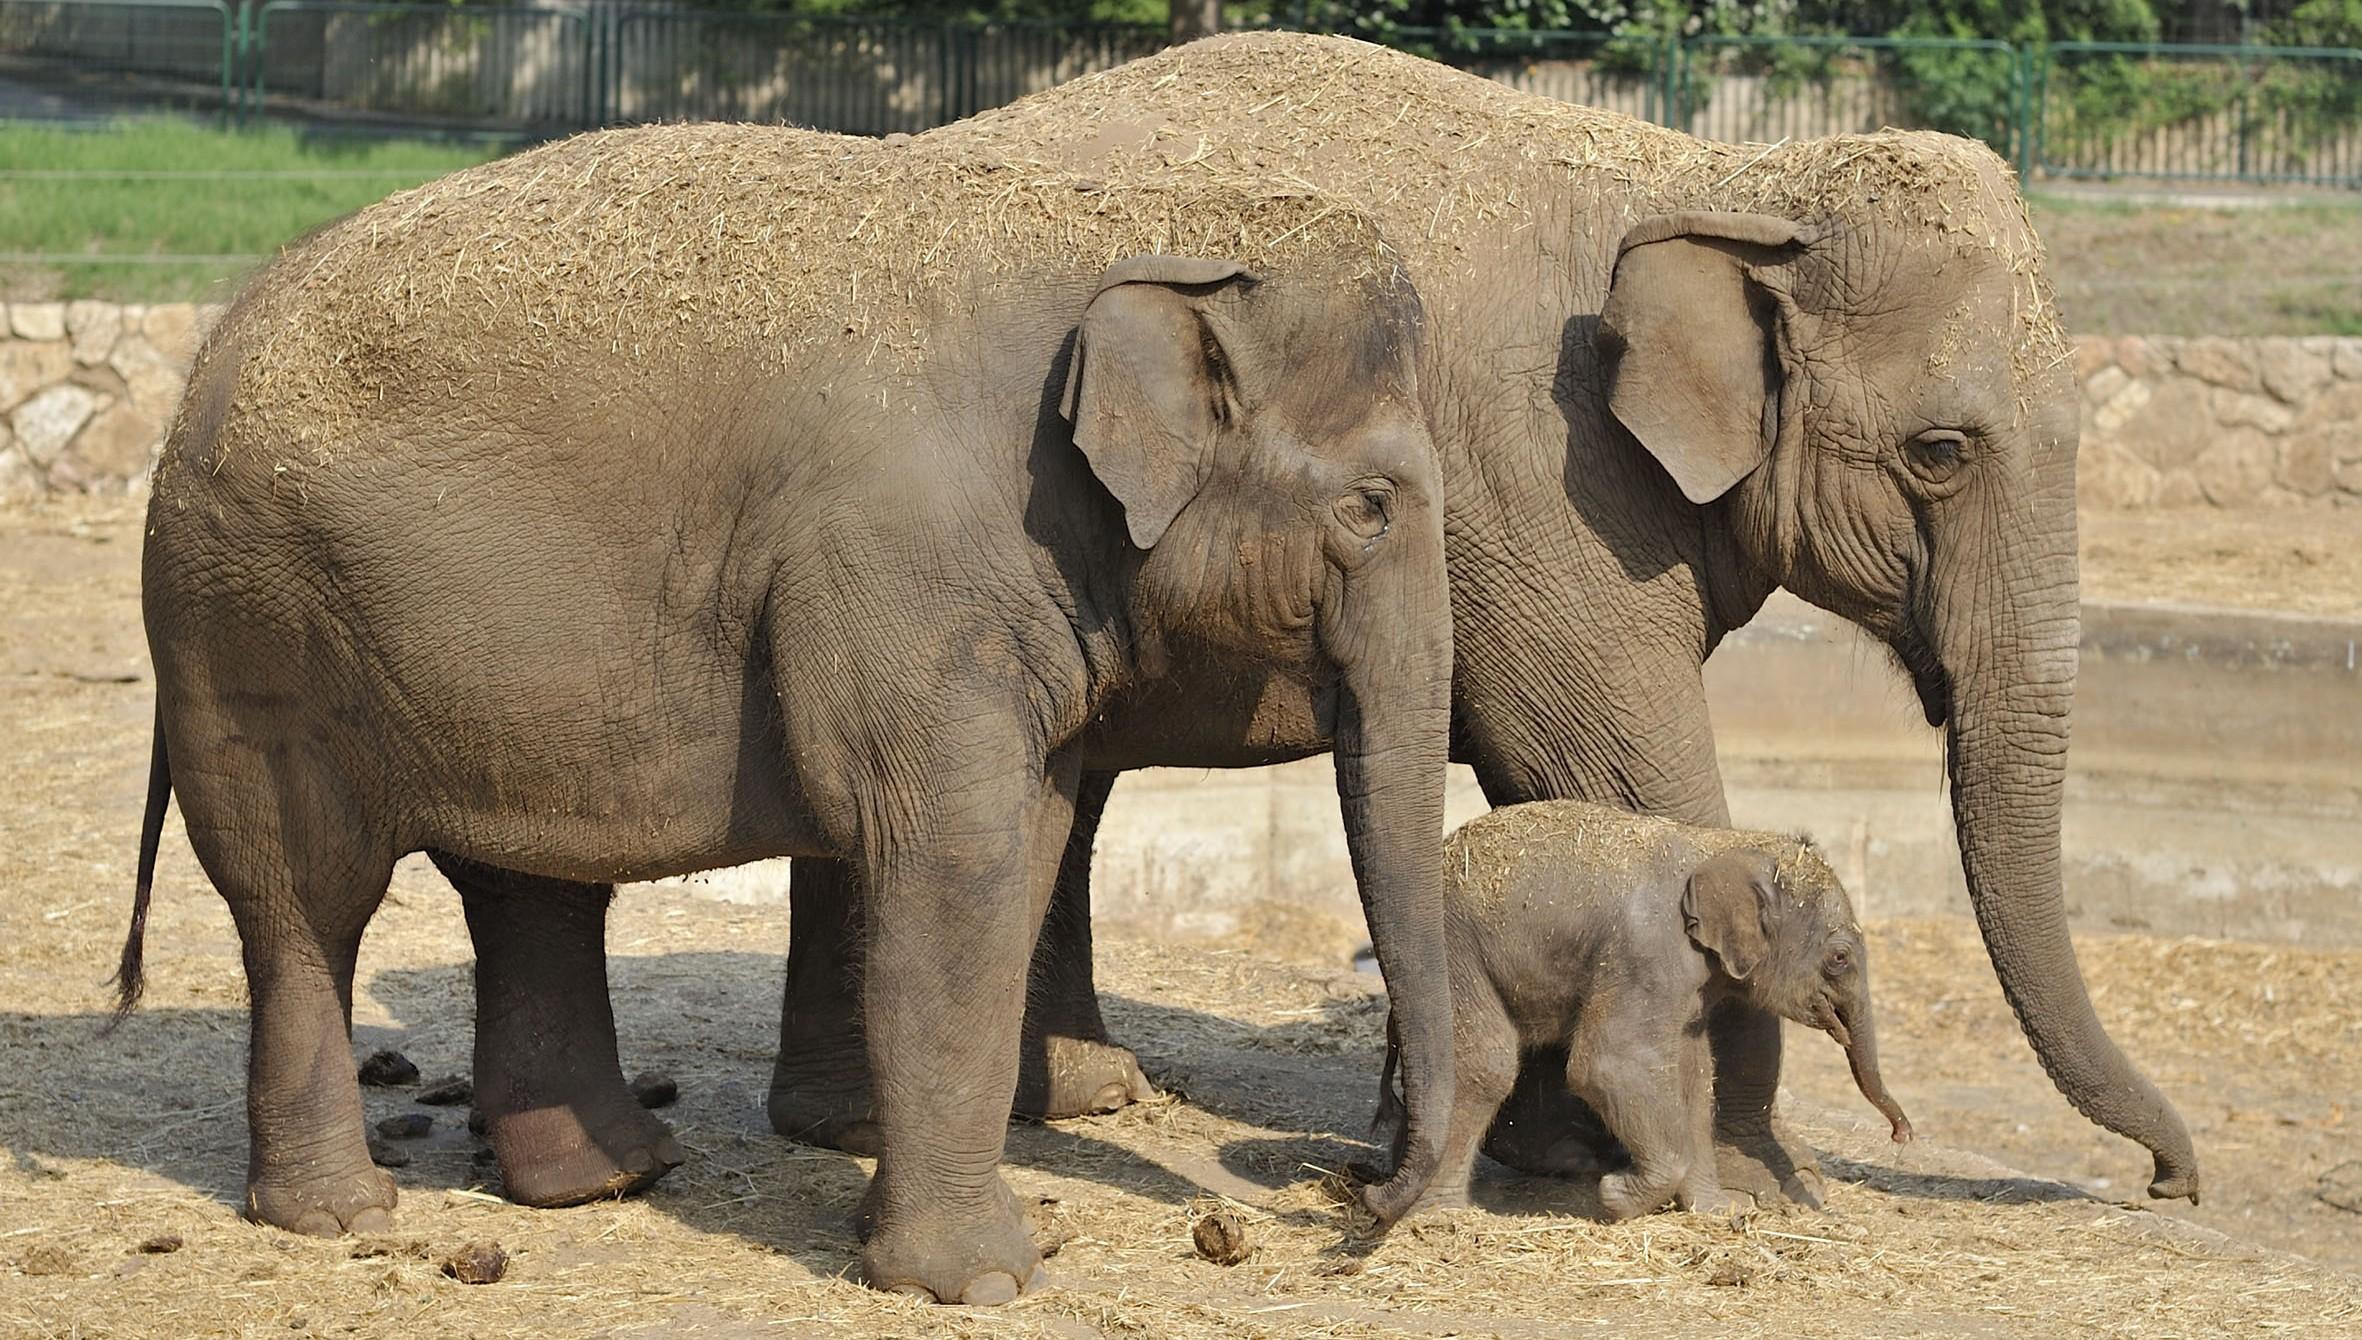 Asian elephants - threats